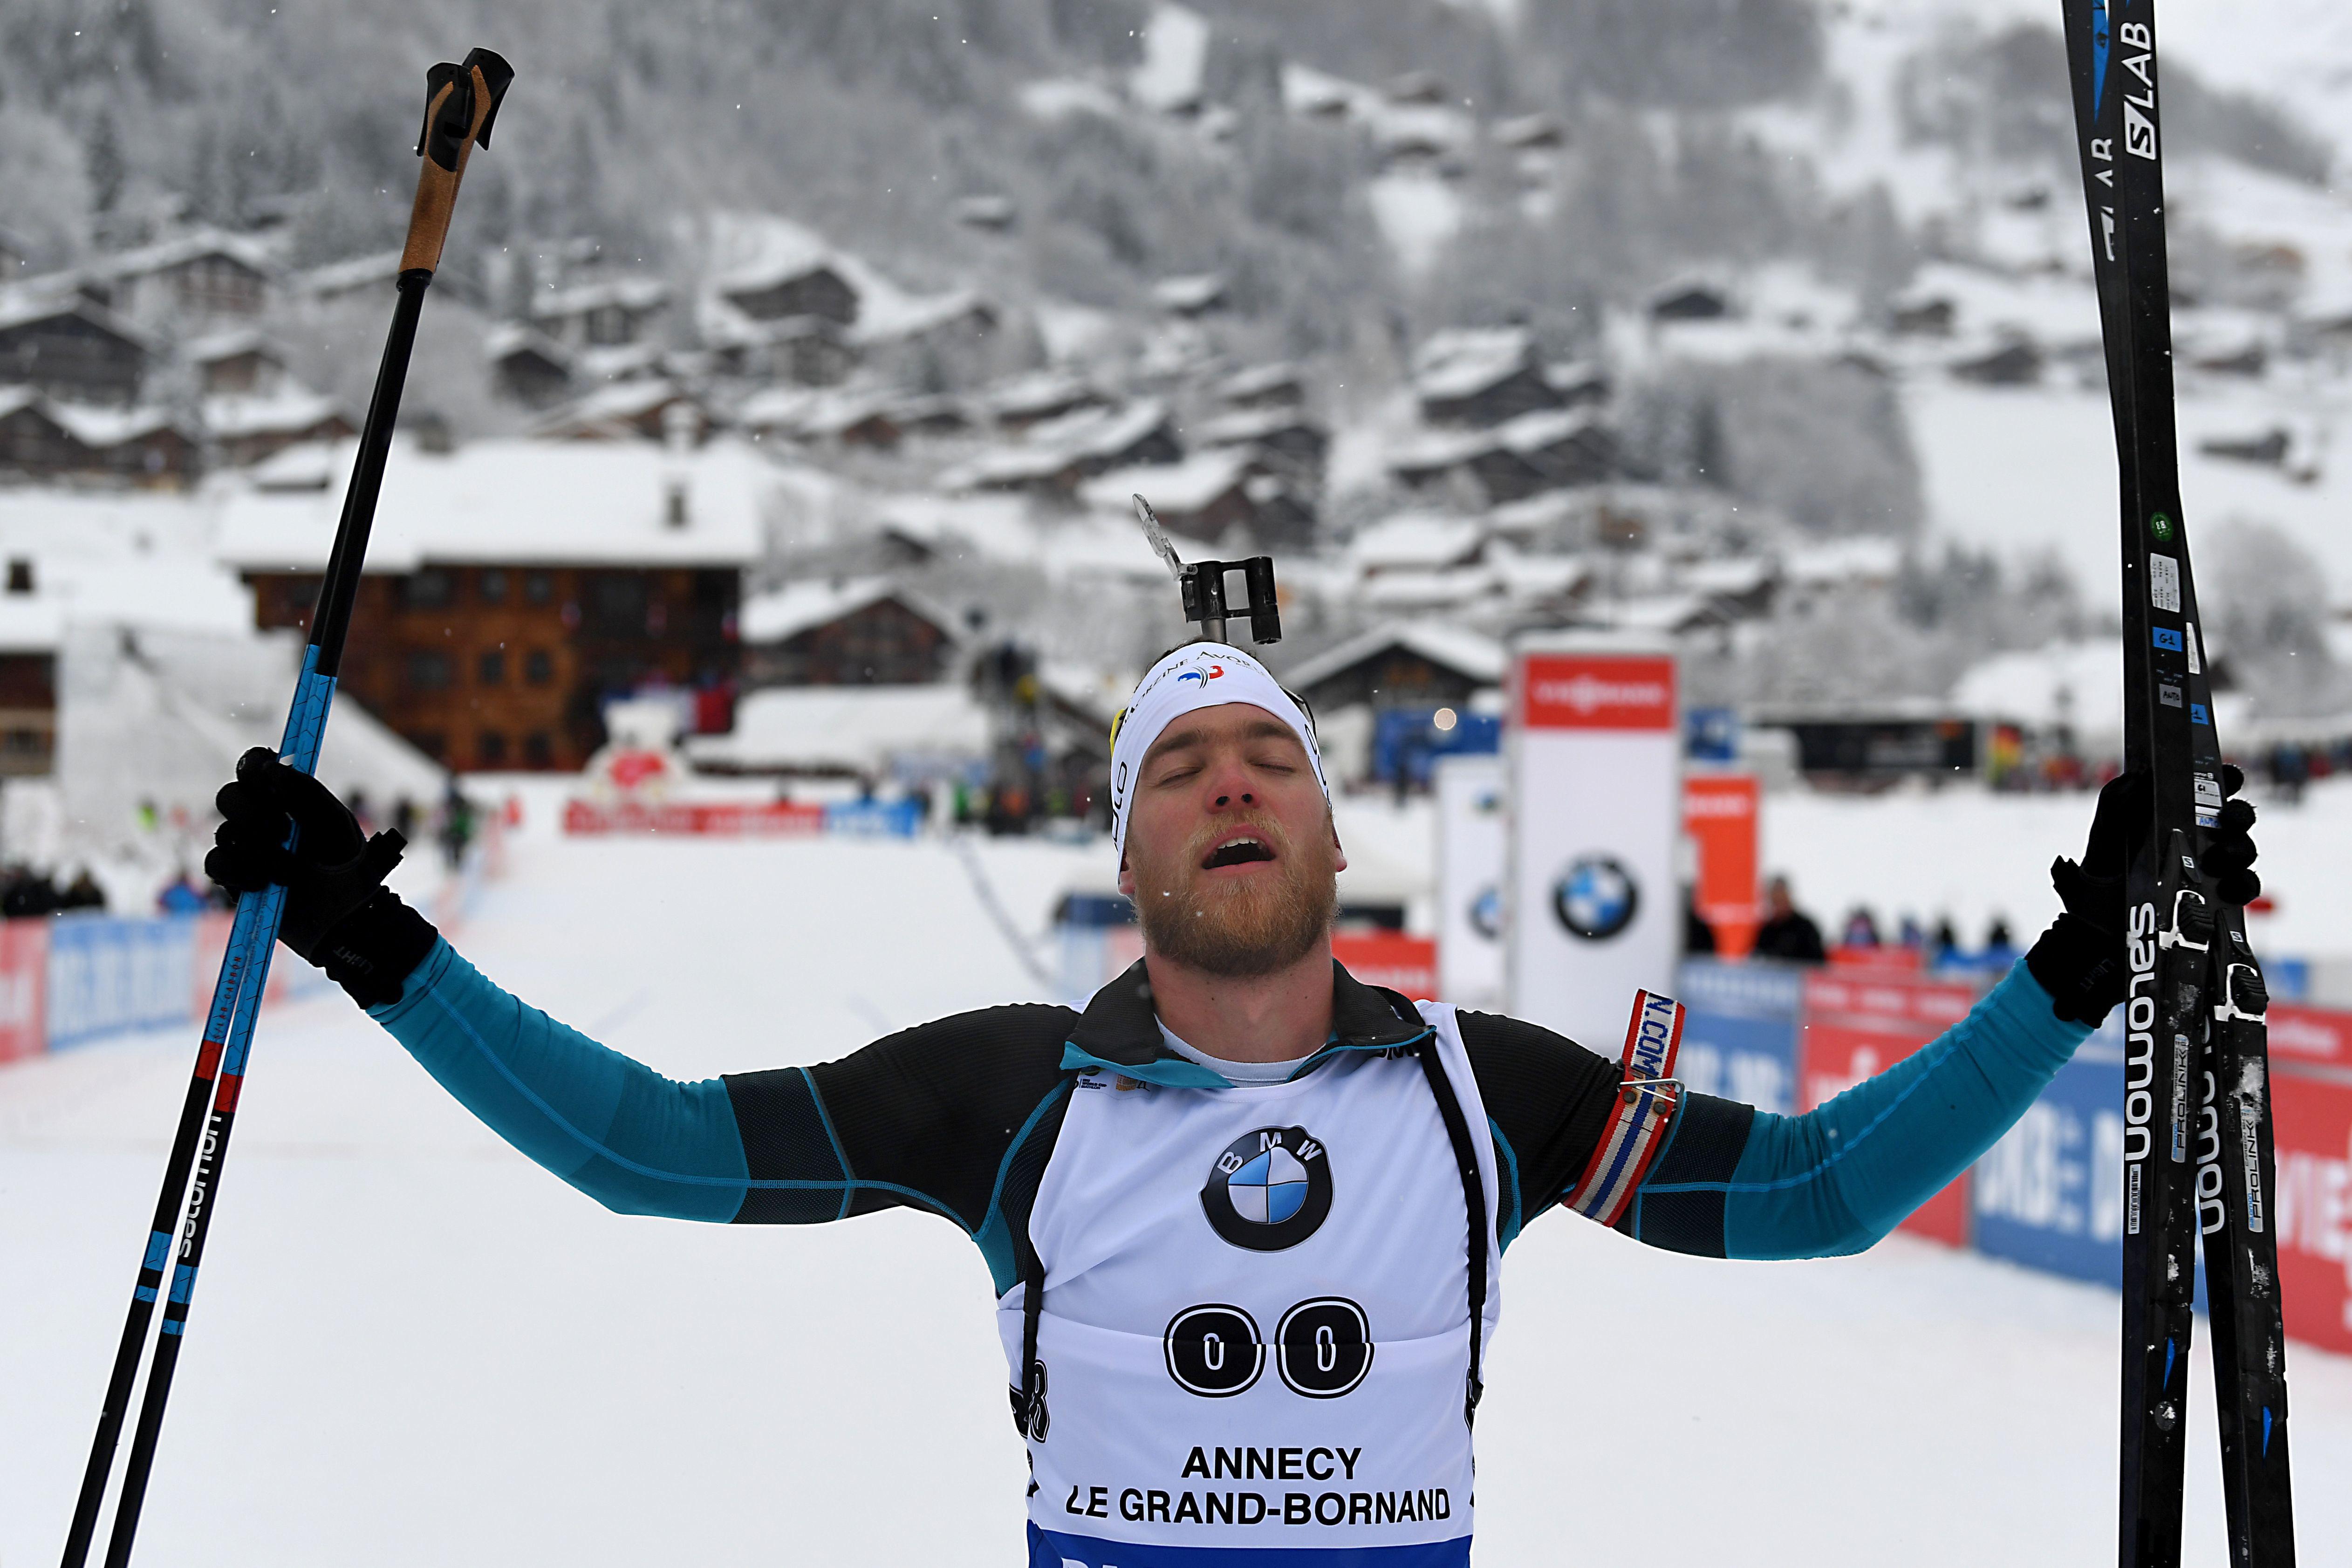 Sports d'hiver - Le joli conte de Noël d'Antonin Guigonnat